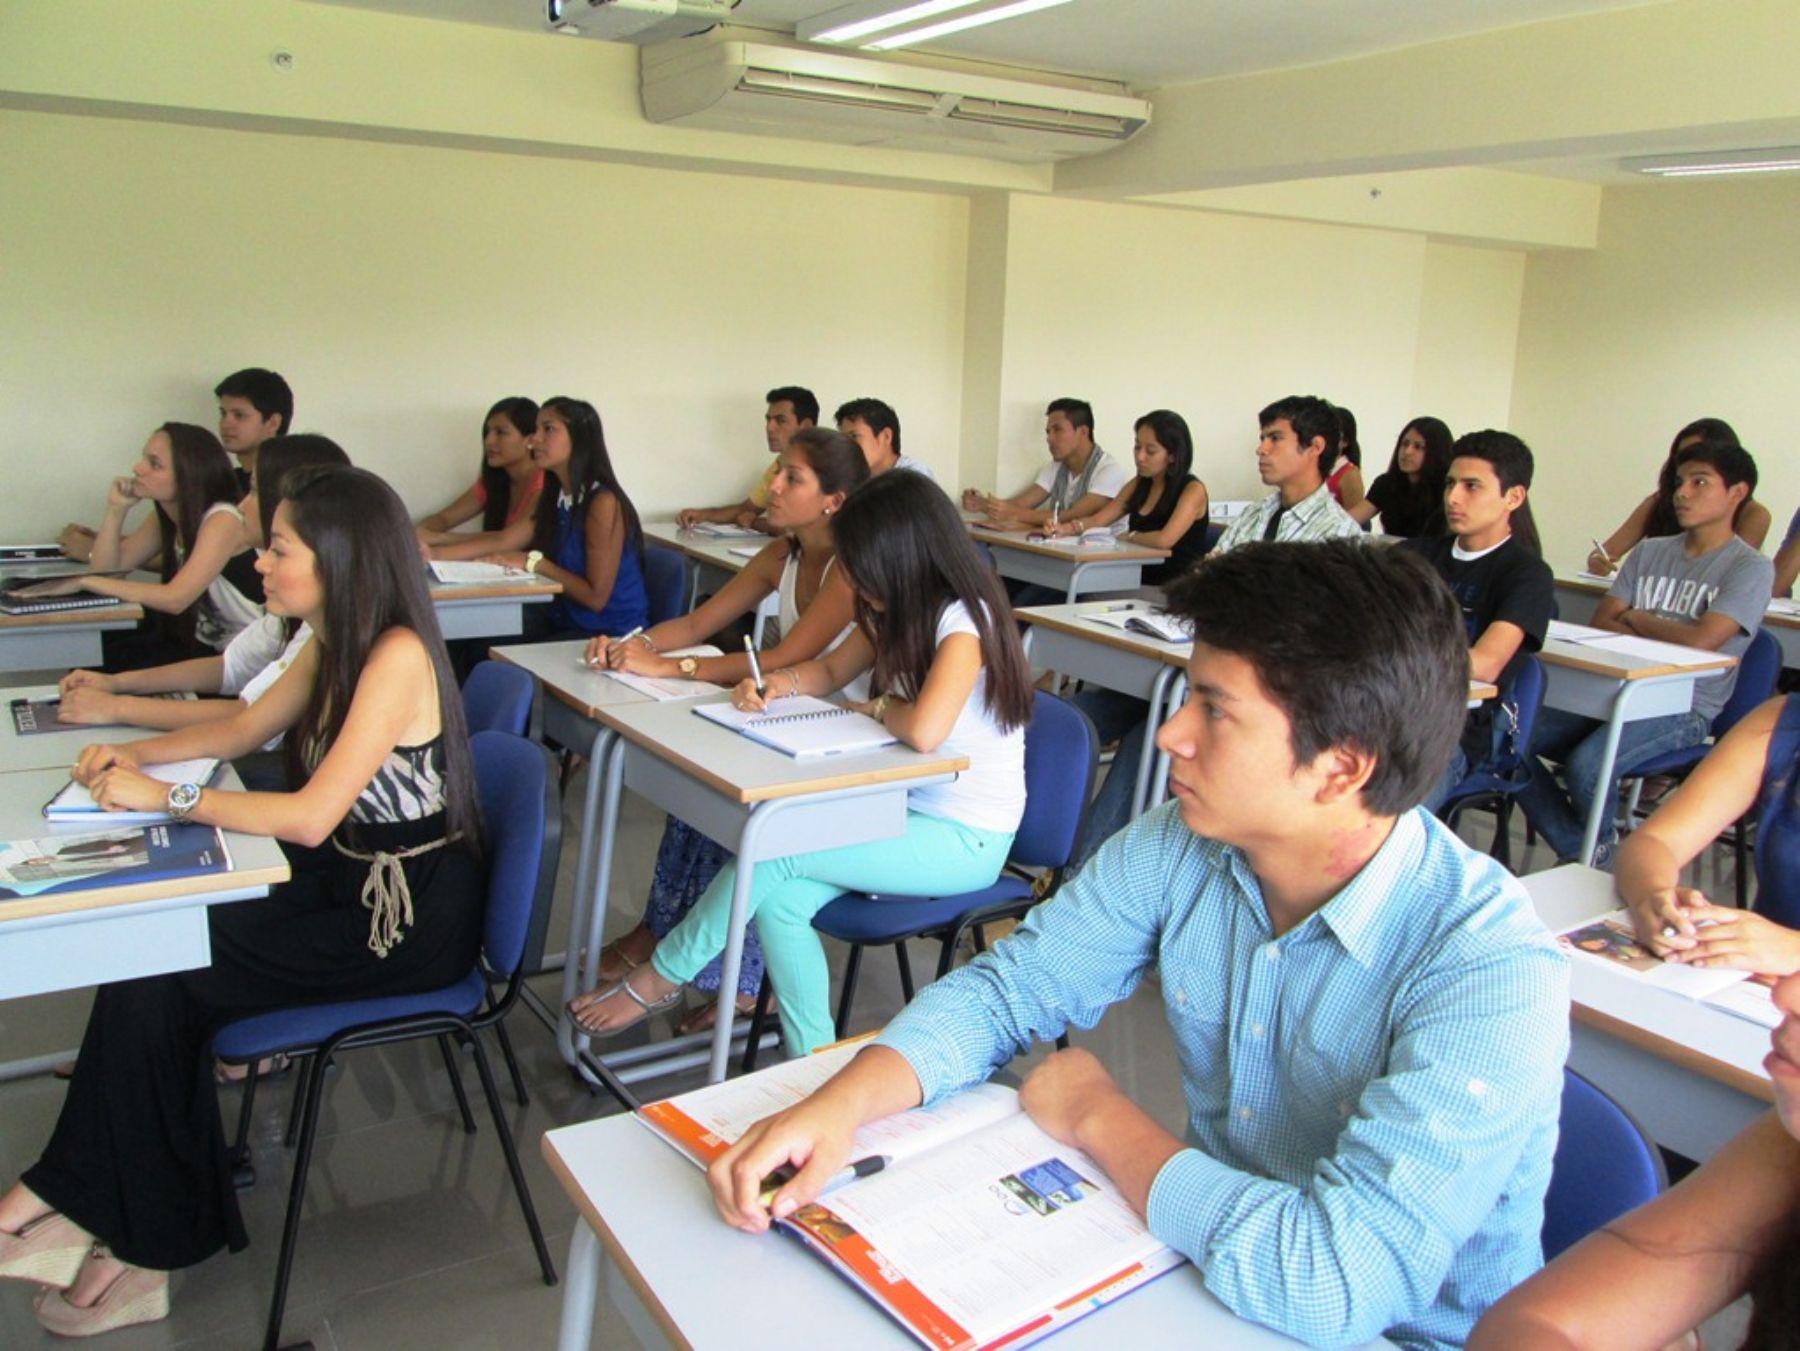 Foto: Beca 18 ofrece carrera de Administración de Negocios Internacionales. Foto: Andina/Difusión.